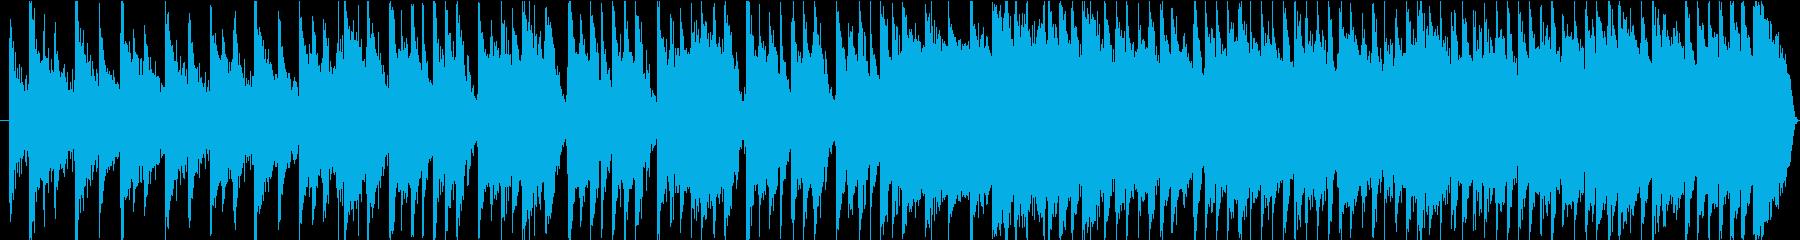 ミドルテンポのブルースっぽい和風ファンクの再生済みの波形